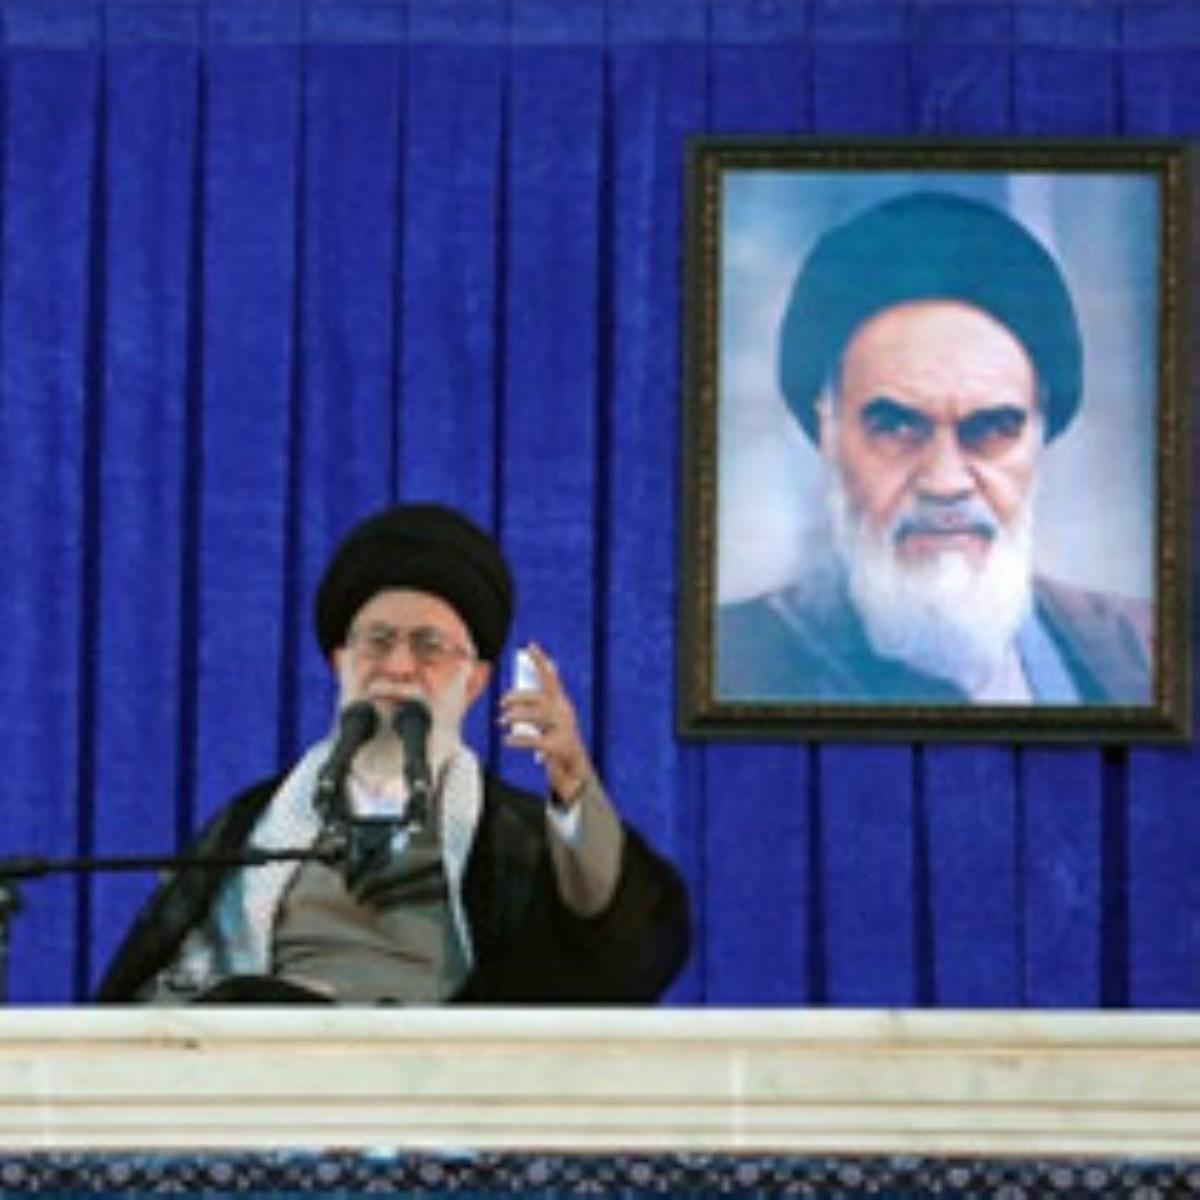 گزارش تصویری / مراسم بیست و هفتمین سالروز رحلت حضرت امام خمینی(ره)